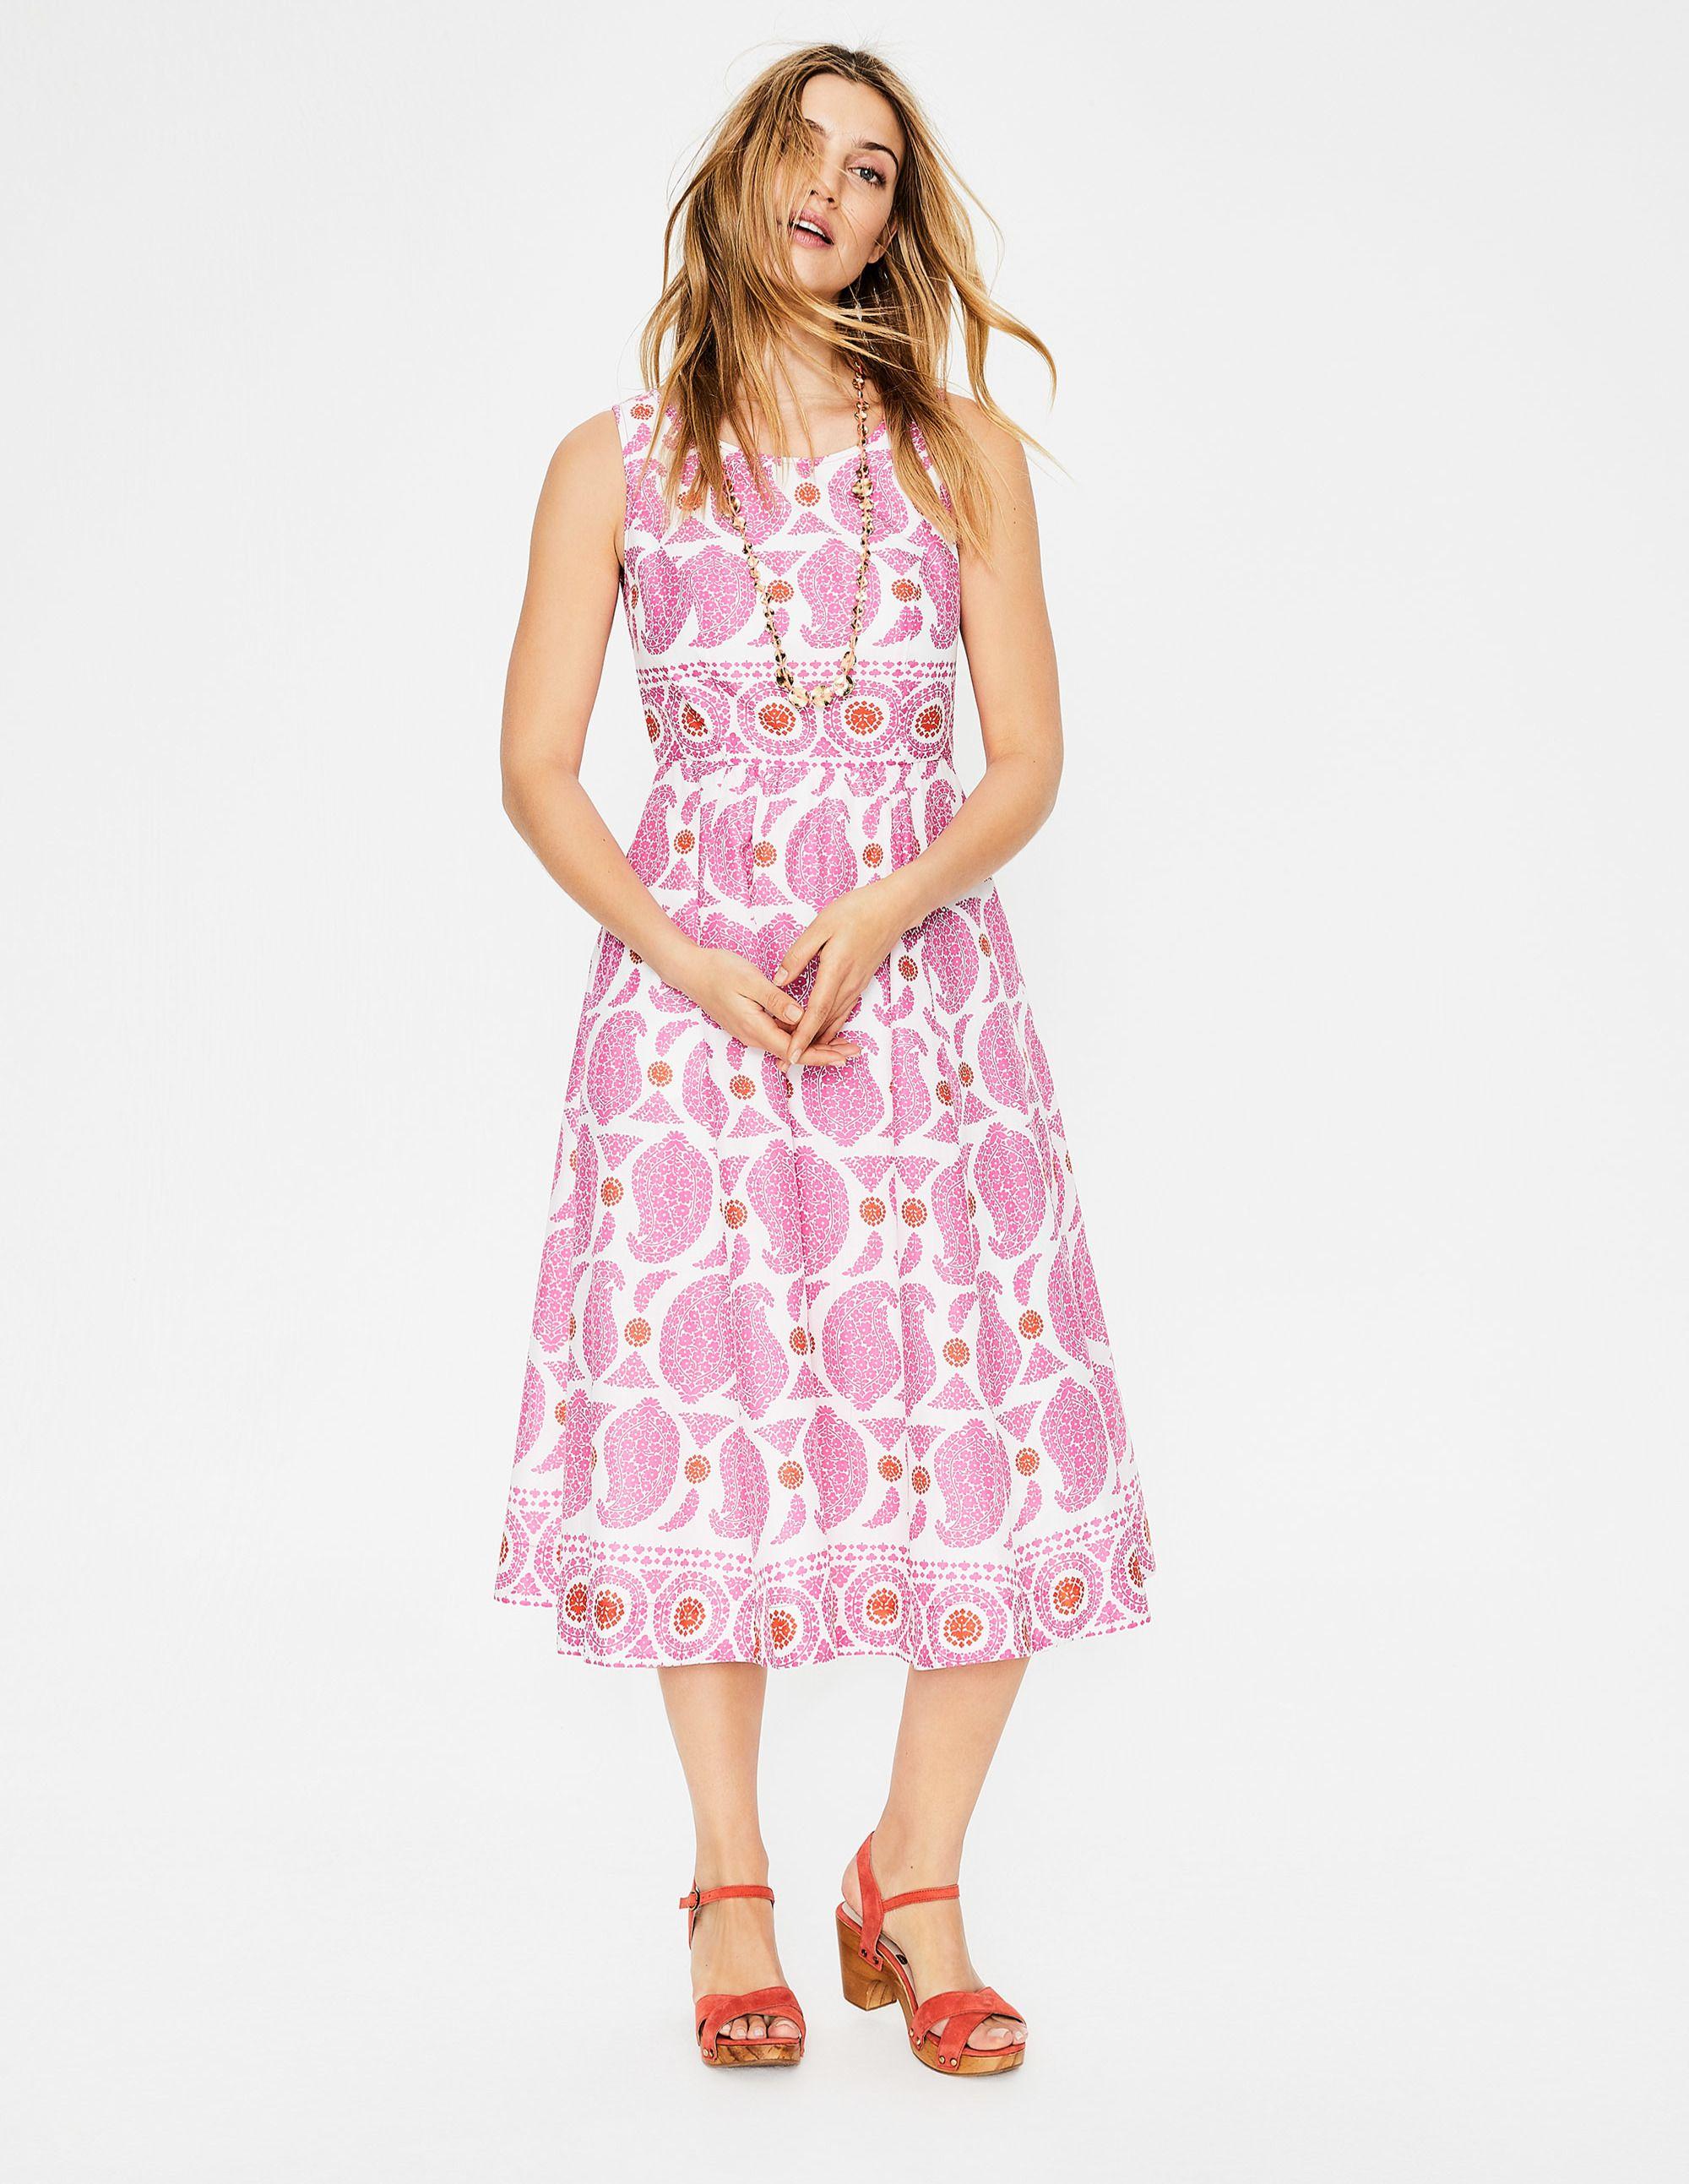 Lizzie Kleid W11 Festliche Kleider bei Boden  Kleider für